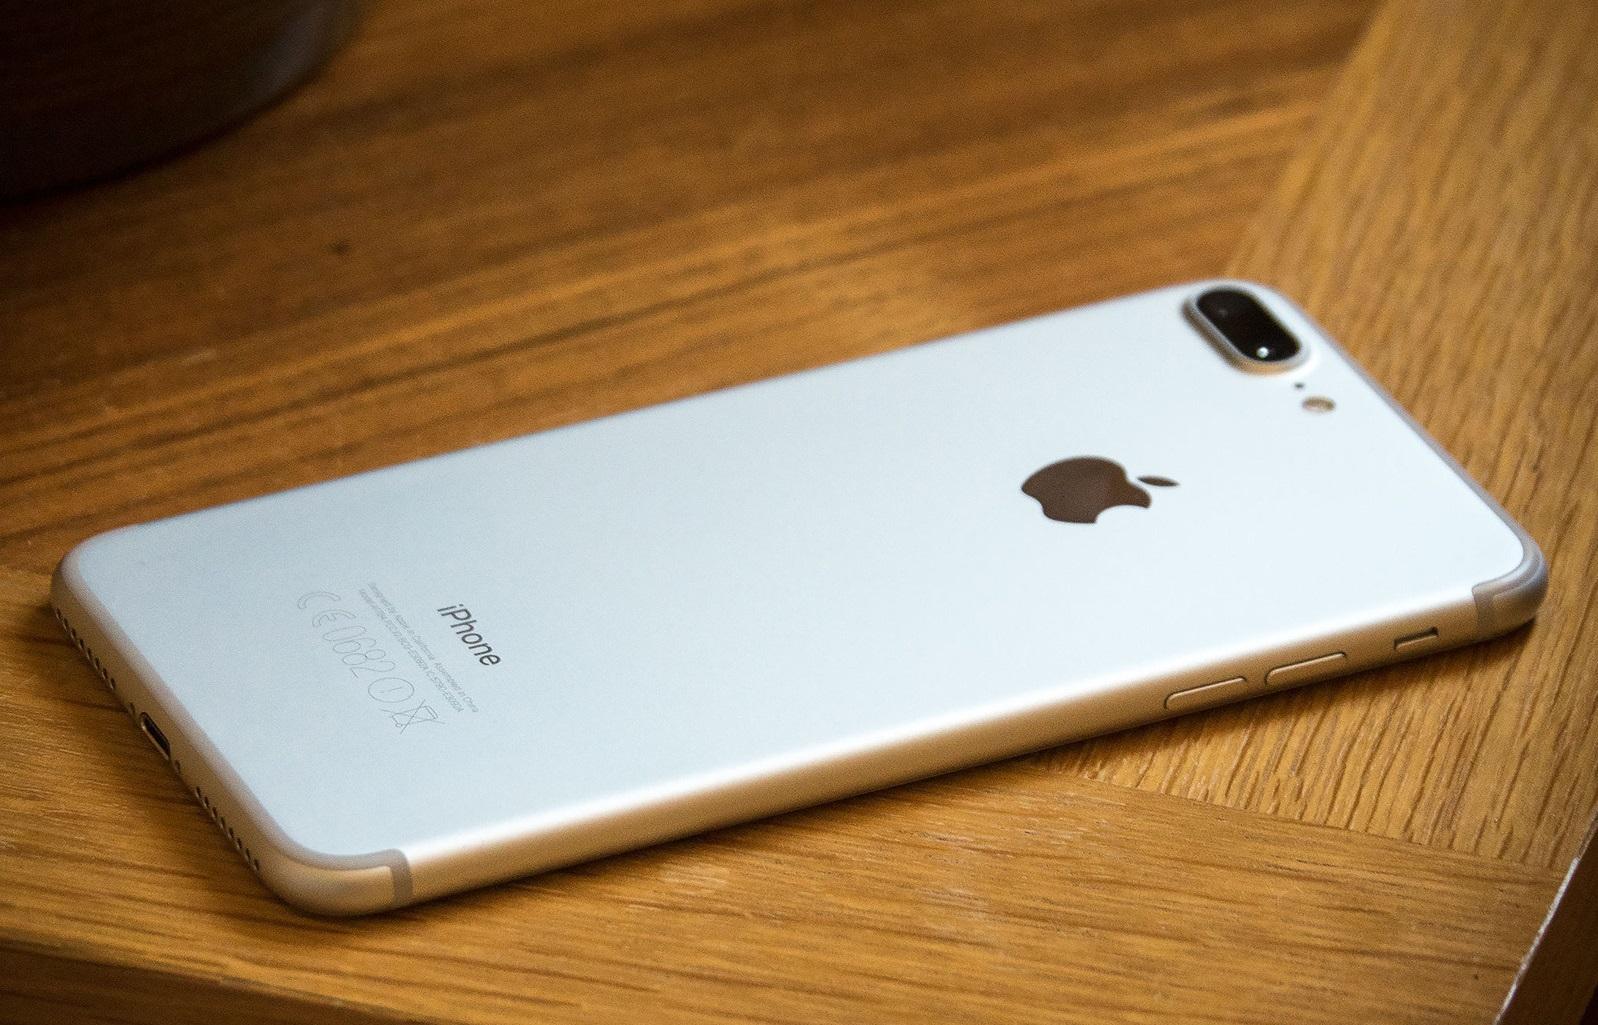 obzor-iphone-7-plus-glazami-polzovatelya-android-glavnoe-foto